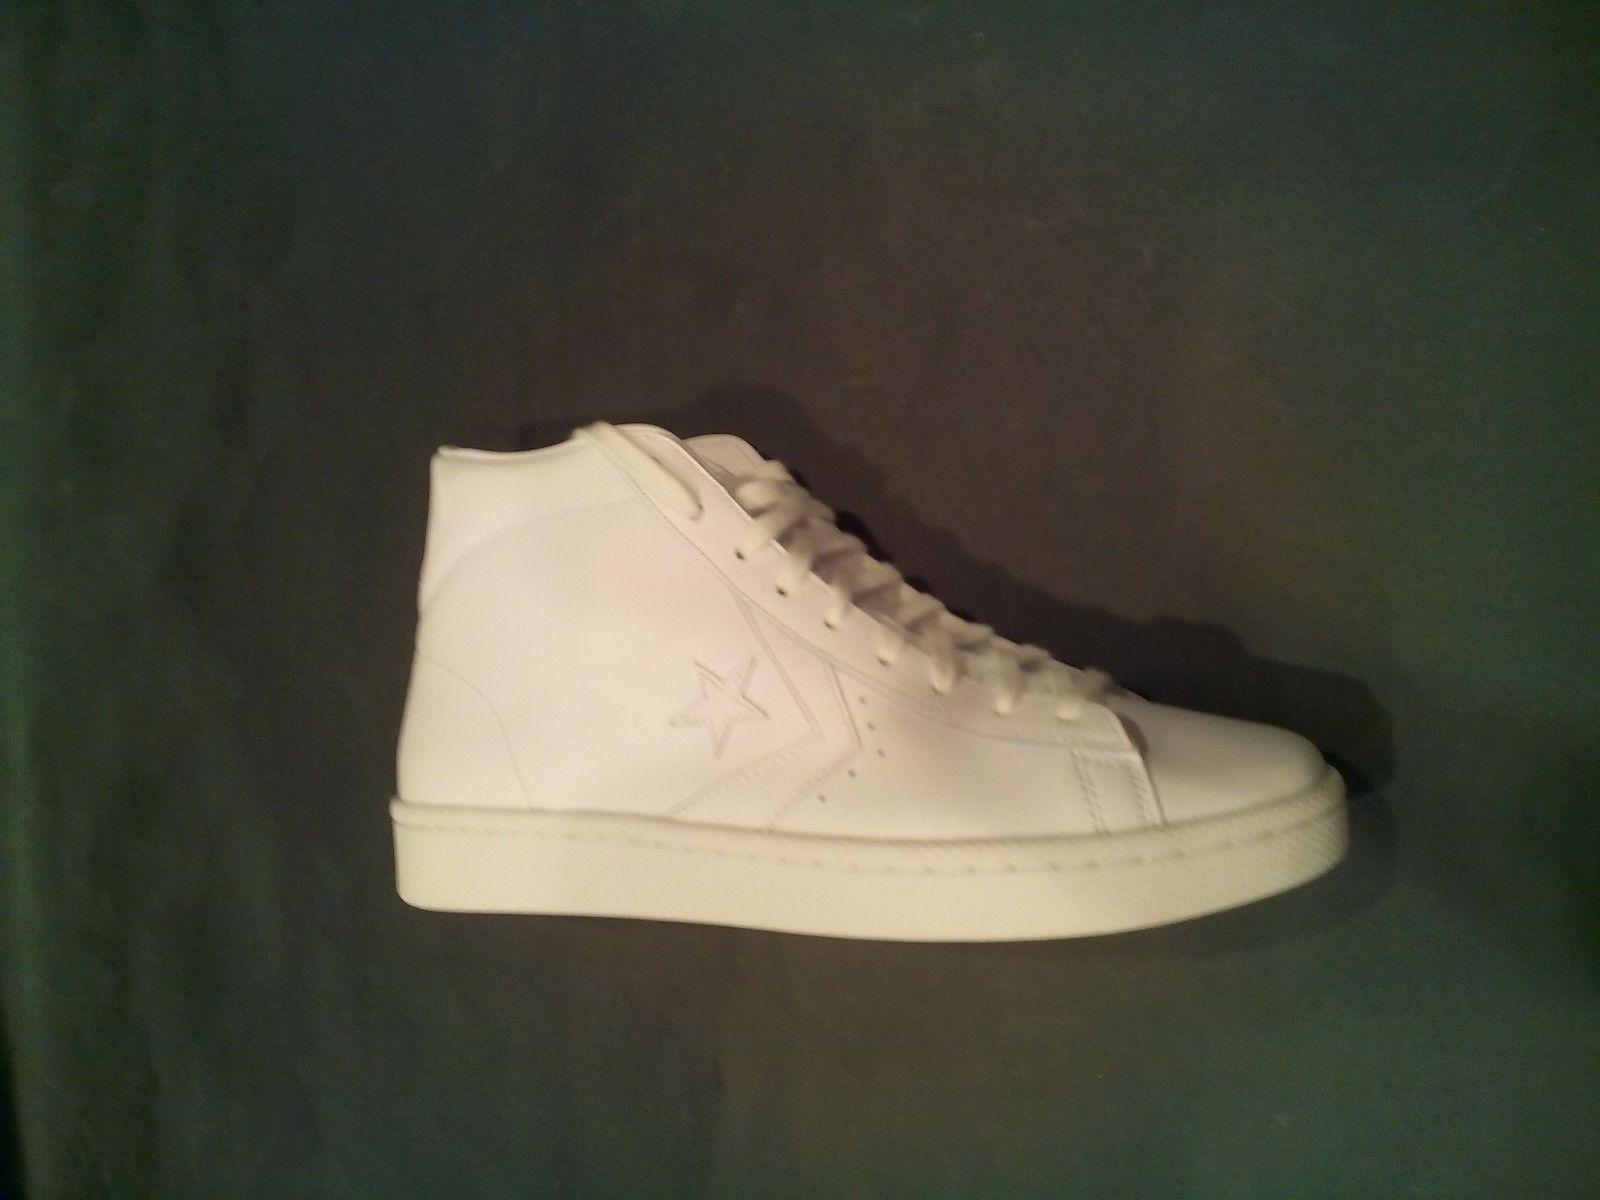 Converse Pro Leather 76 Mid White 155335C 155335C 155335C Men SZ-9.5 Womens SZ-11 de5876